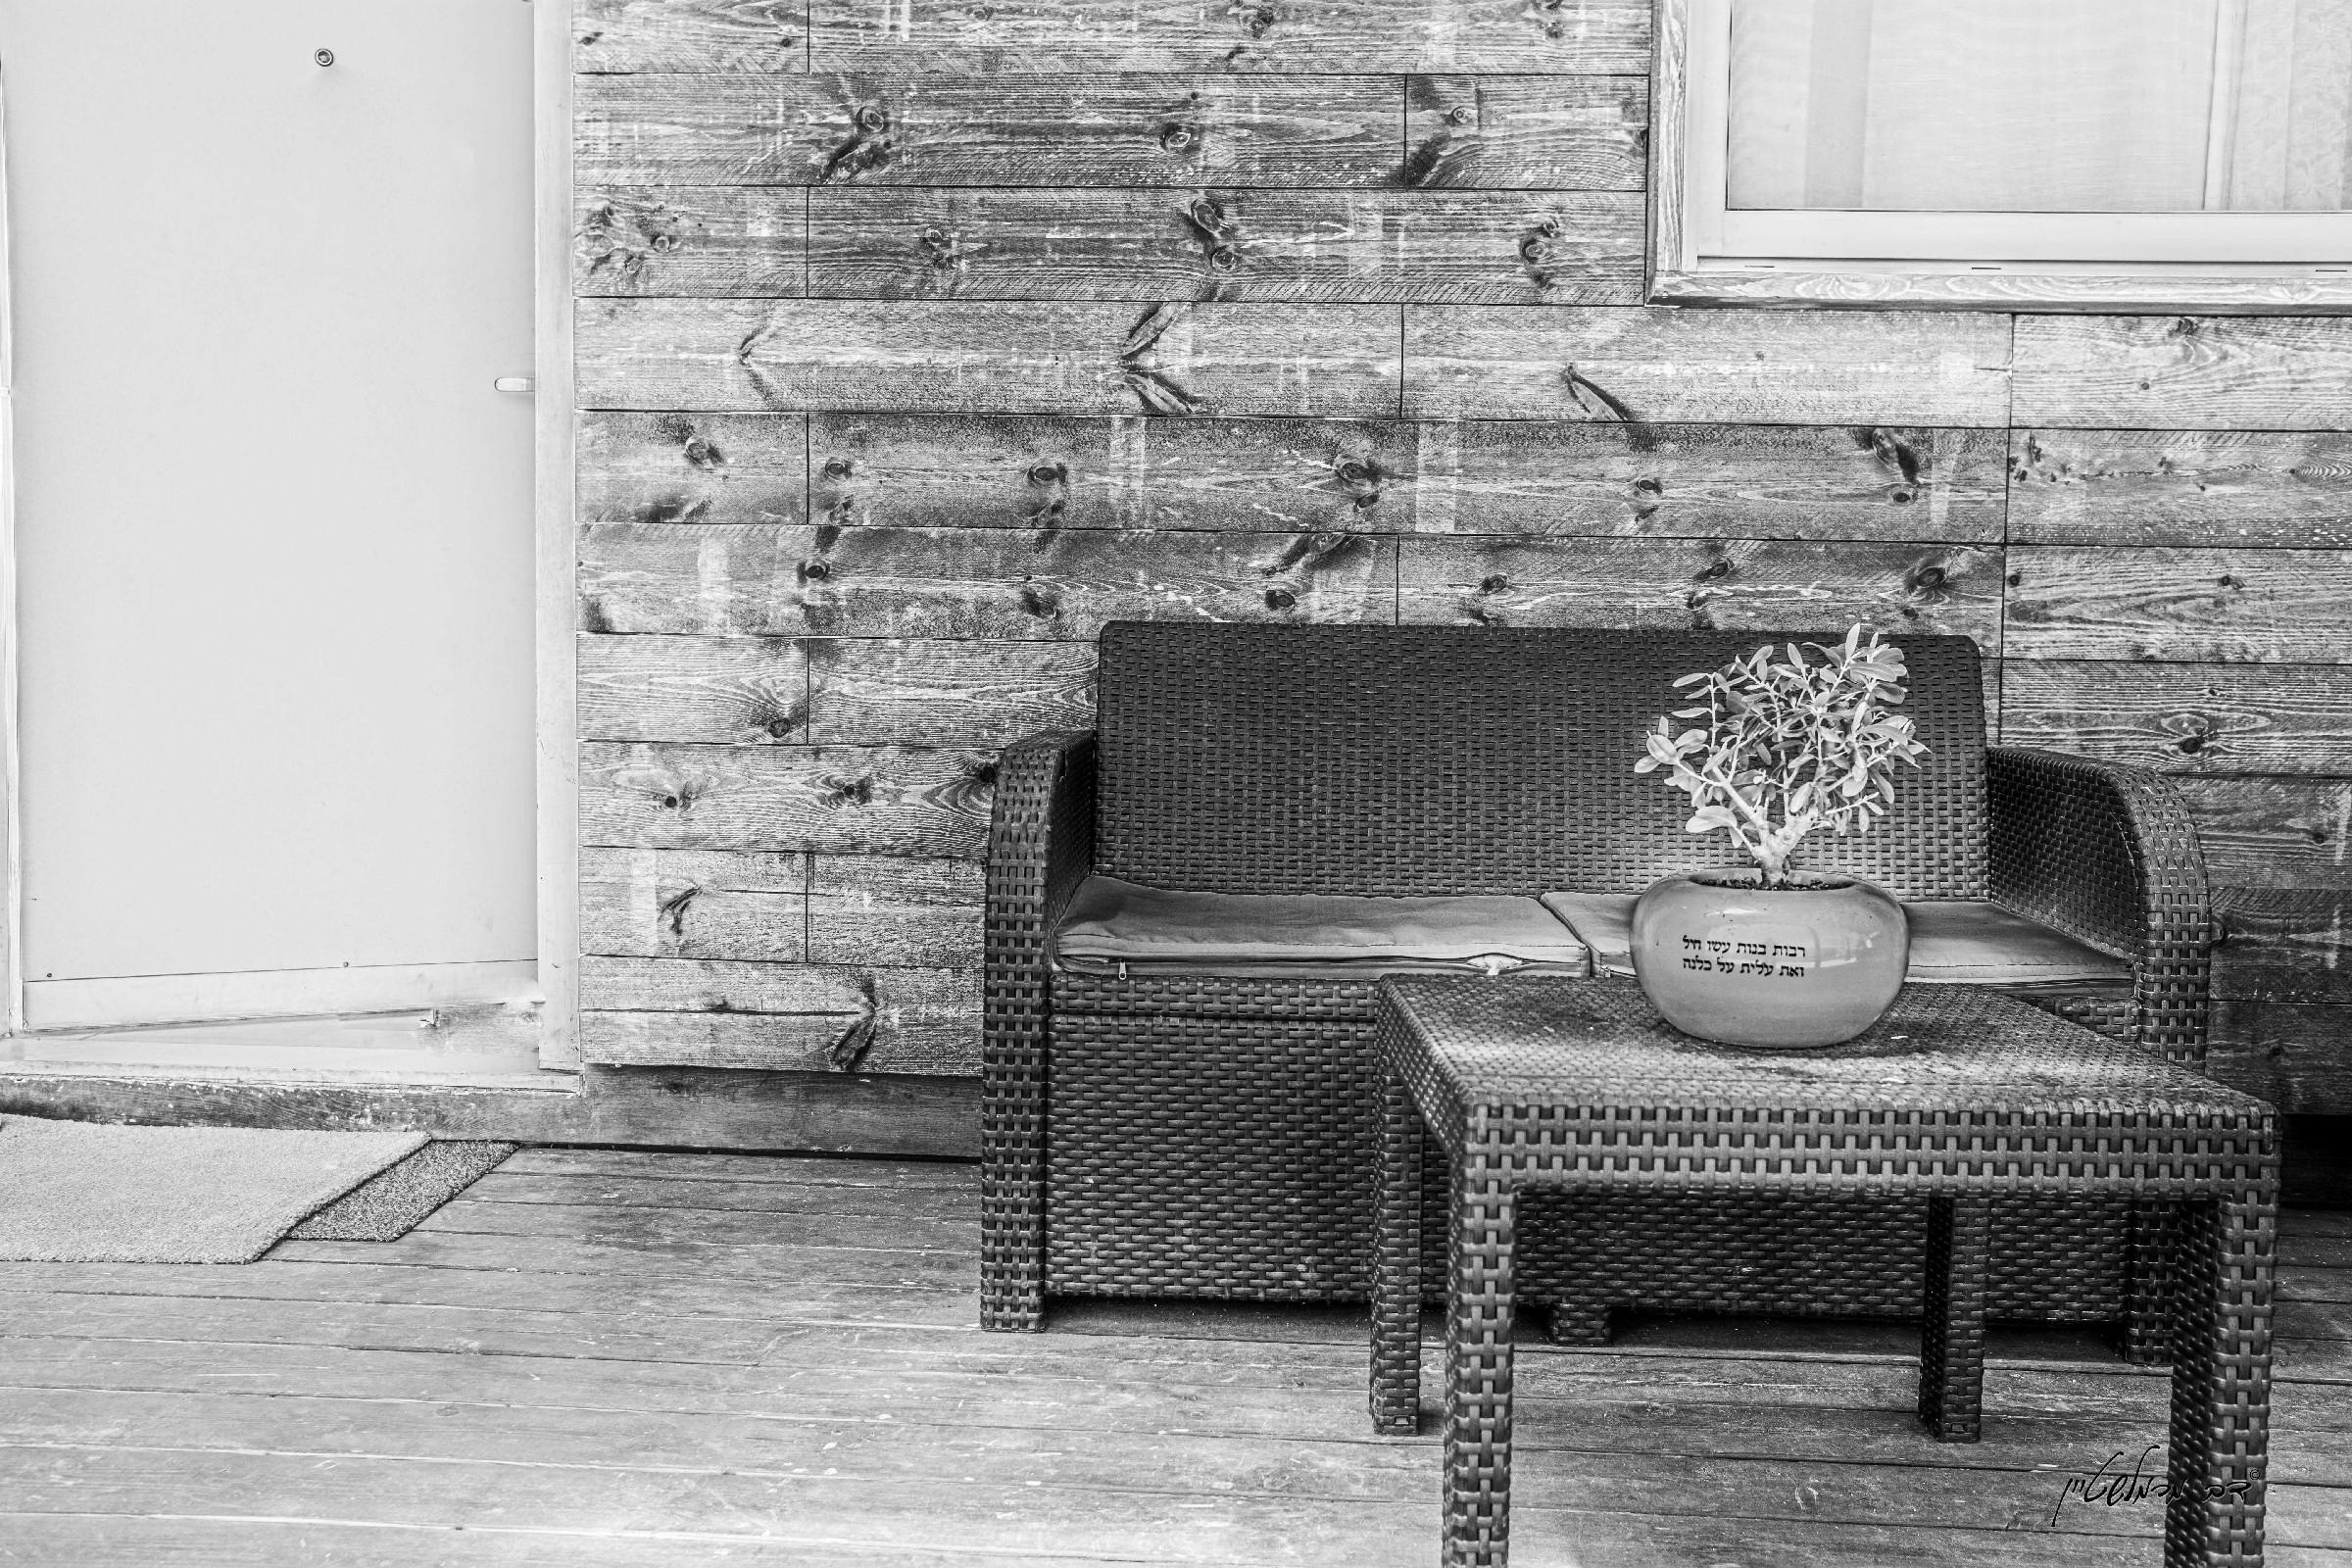 """בפאתי מושב החרדי בית חלקיה מול הרי יהודה, ושדות החקלאים המקומיים שוכן בית הנופש """"נוף שדות"""". הצימר המפנק טובל בעצי פרי וערוגות פרחים המקשטות את החצר הפונה לשדות ומשווה אווירת פרטיות יוצאת דופן לנופשים בה."""